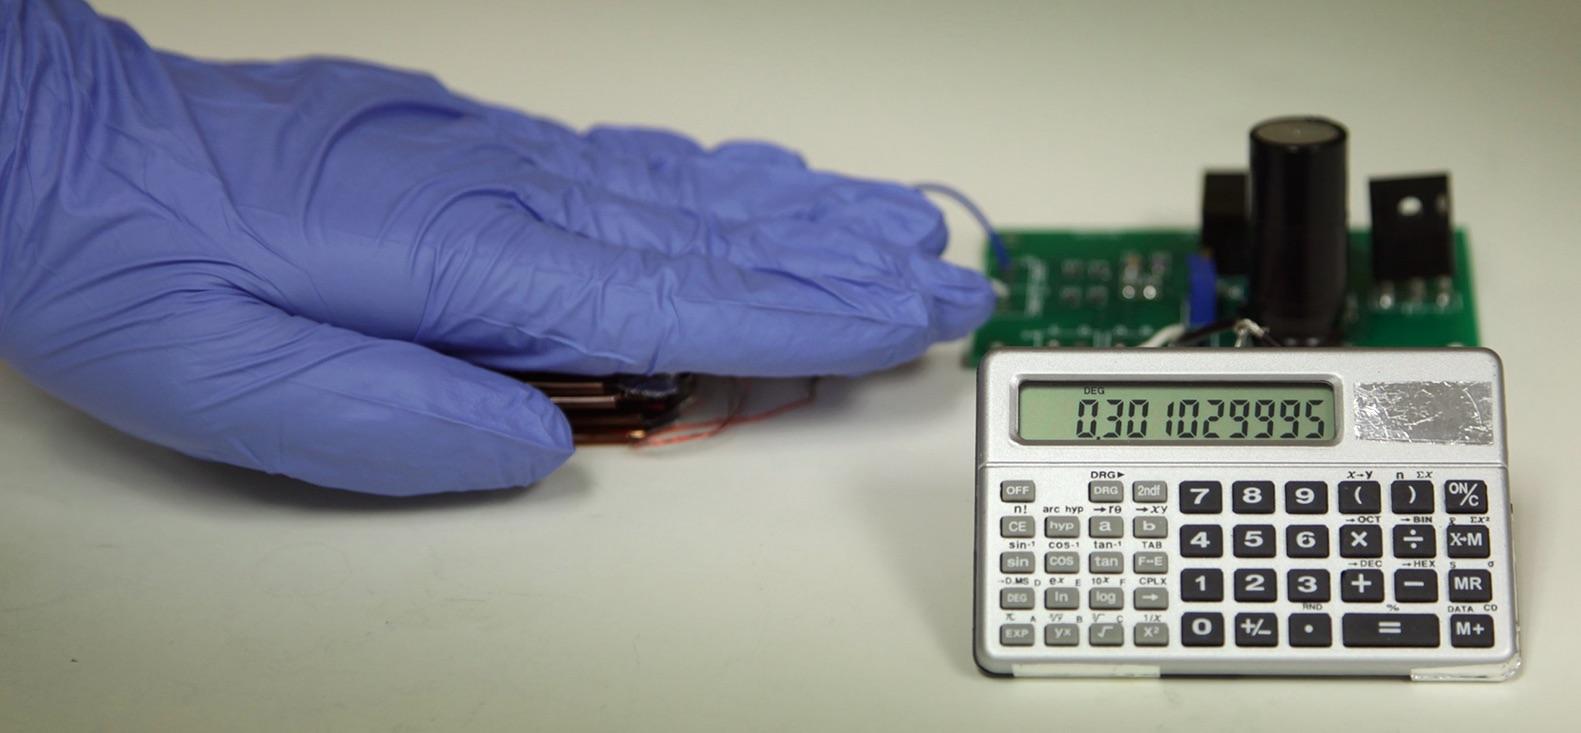 TENG powering calculator - Zhong Lin Wang